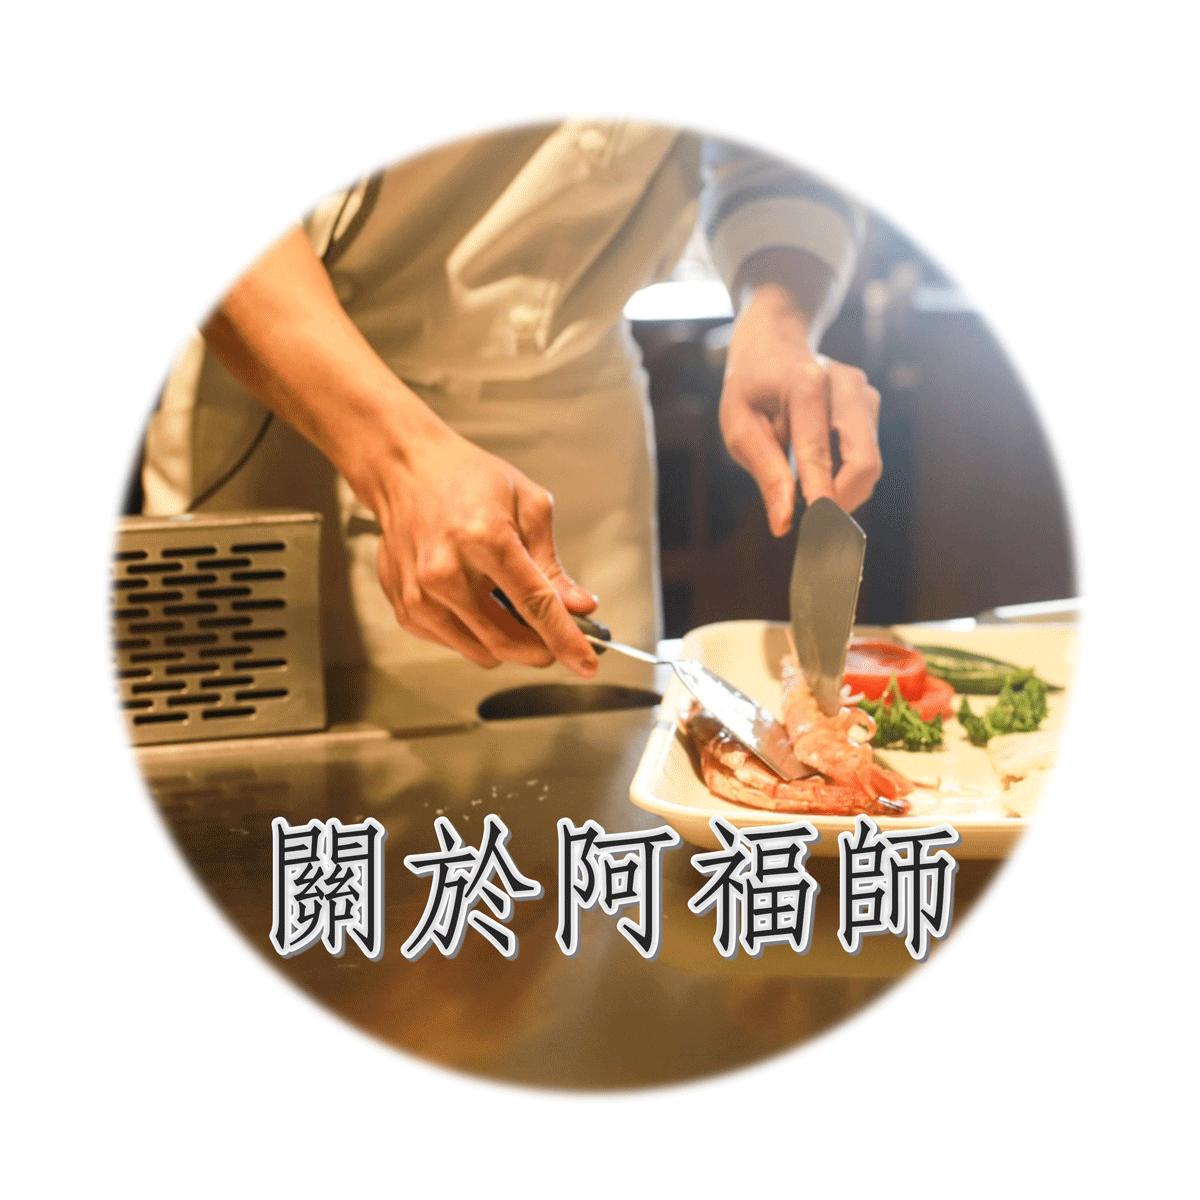 台北晚餐宅配 | 家餚晚餐宅配 |  -